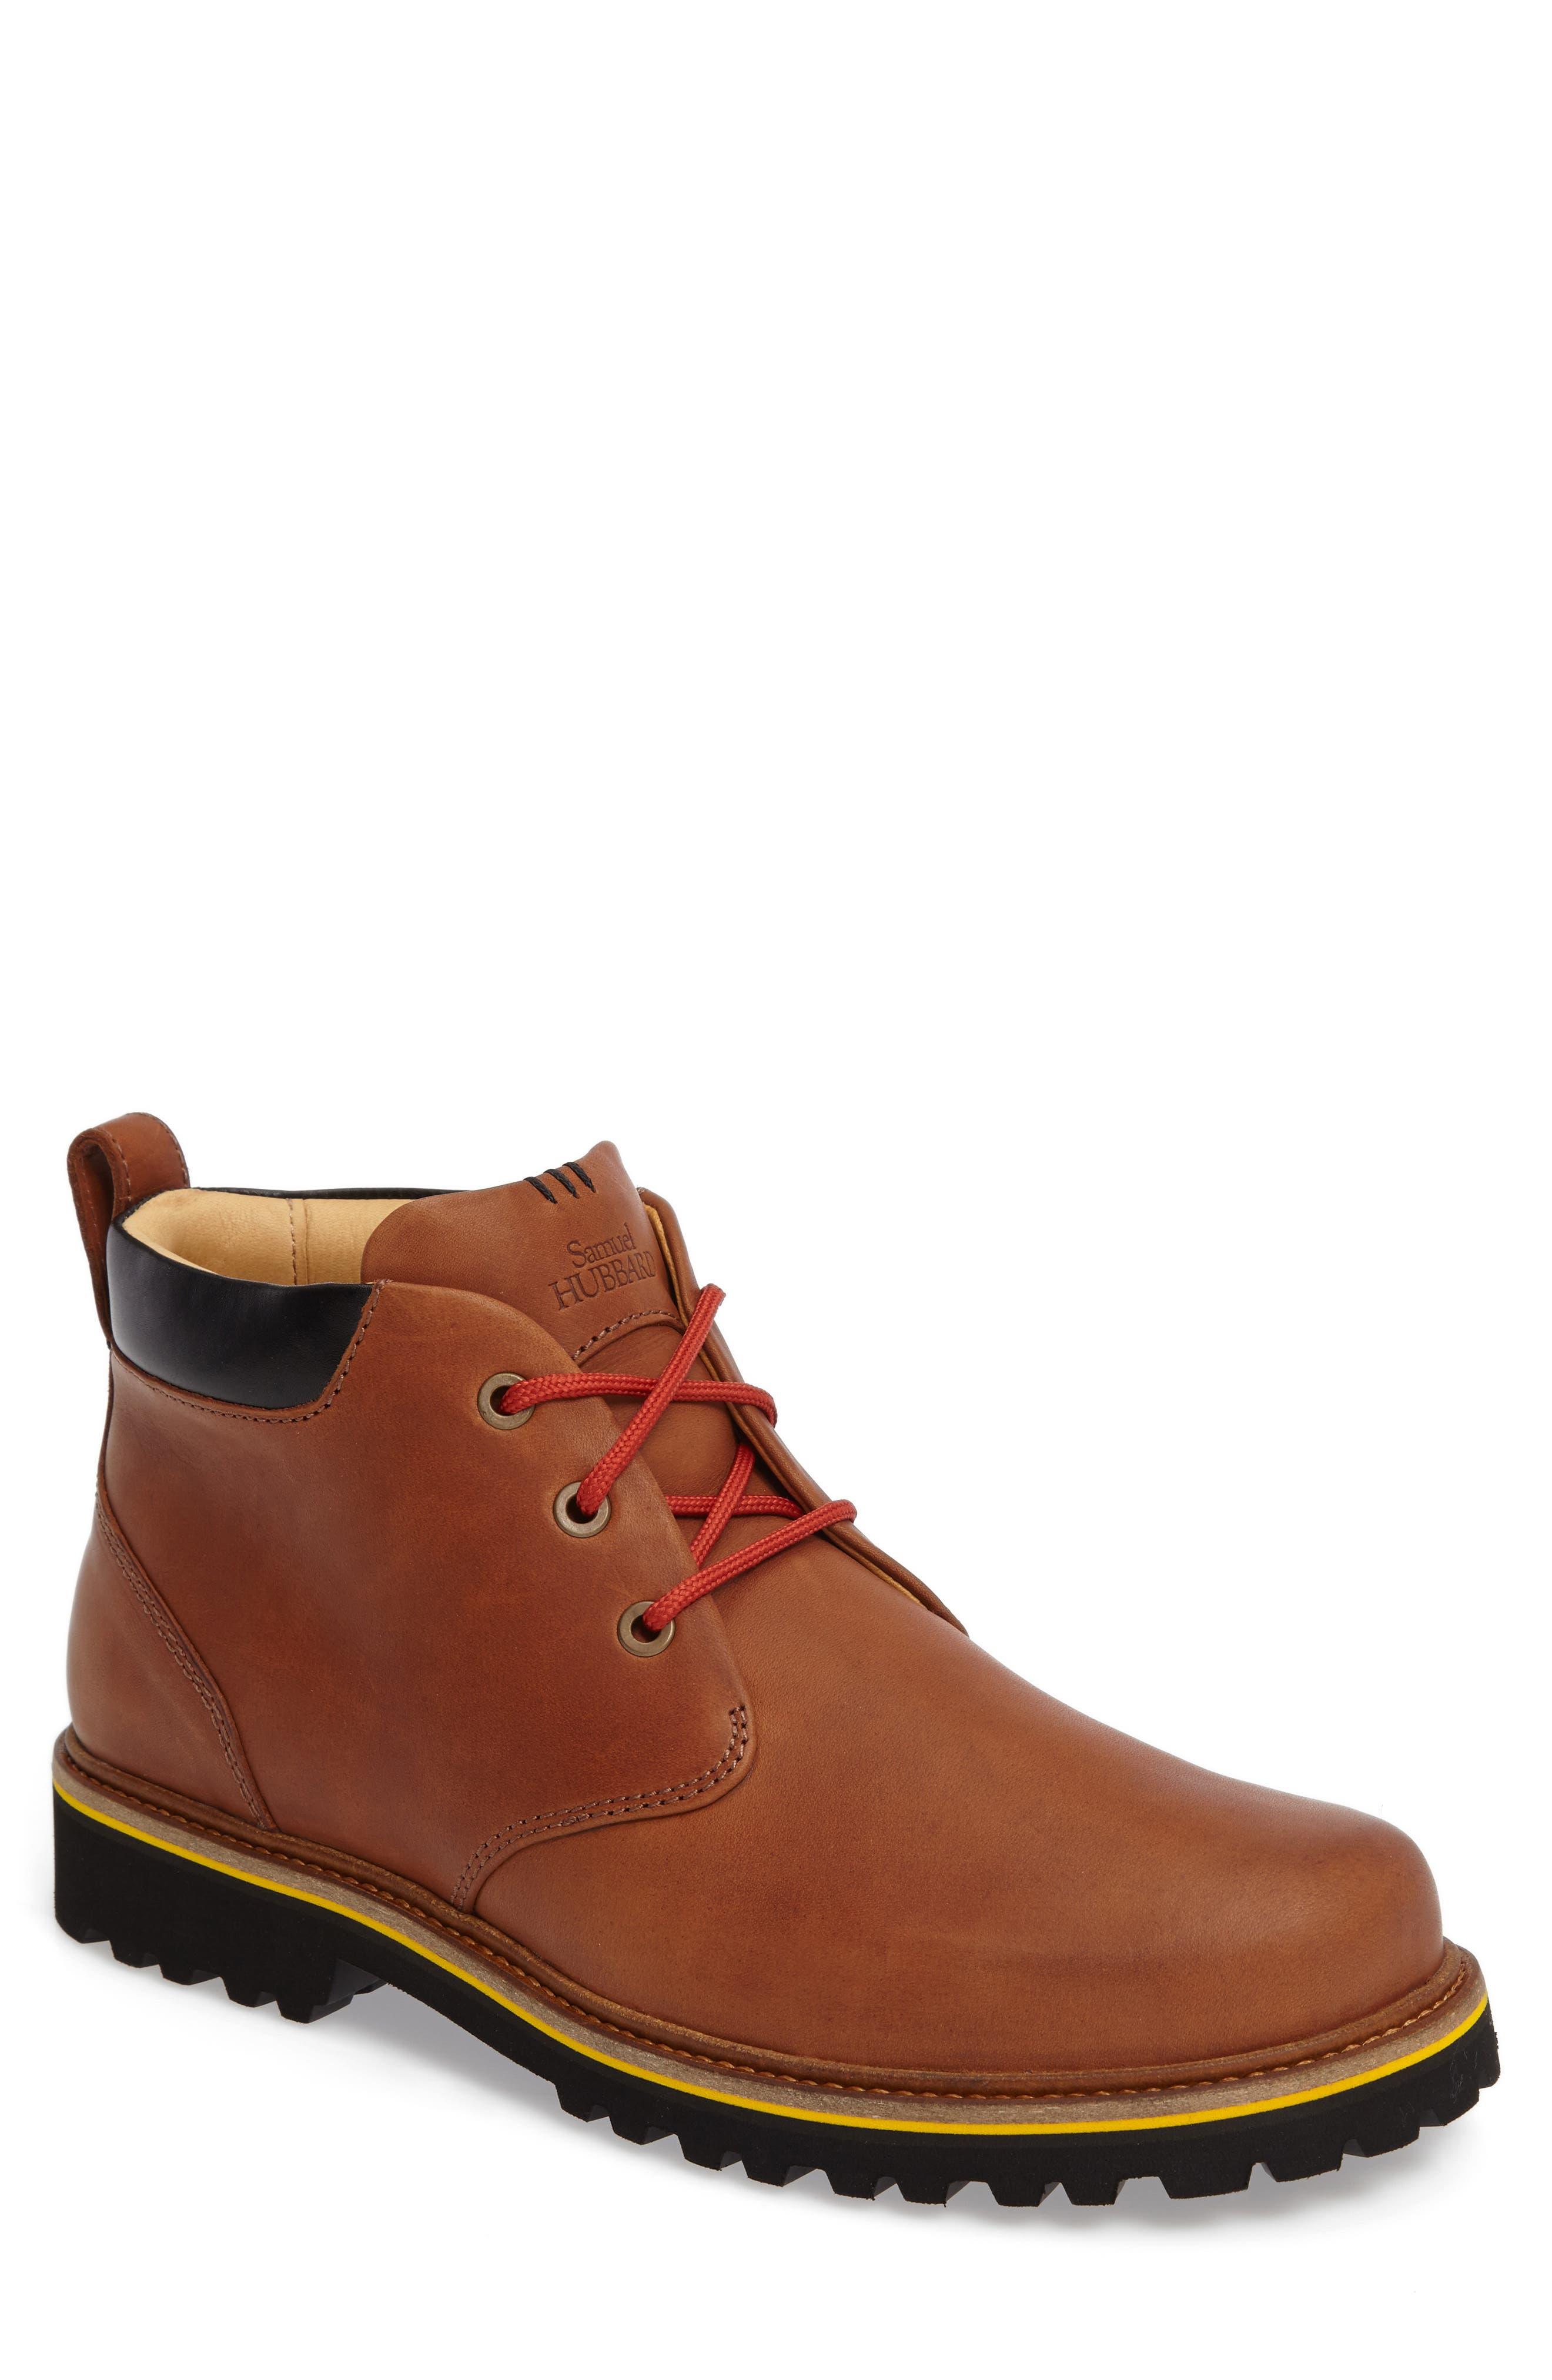 Samuel Hubbard Northcoast Chukka Boot, Brown